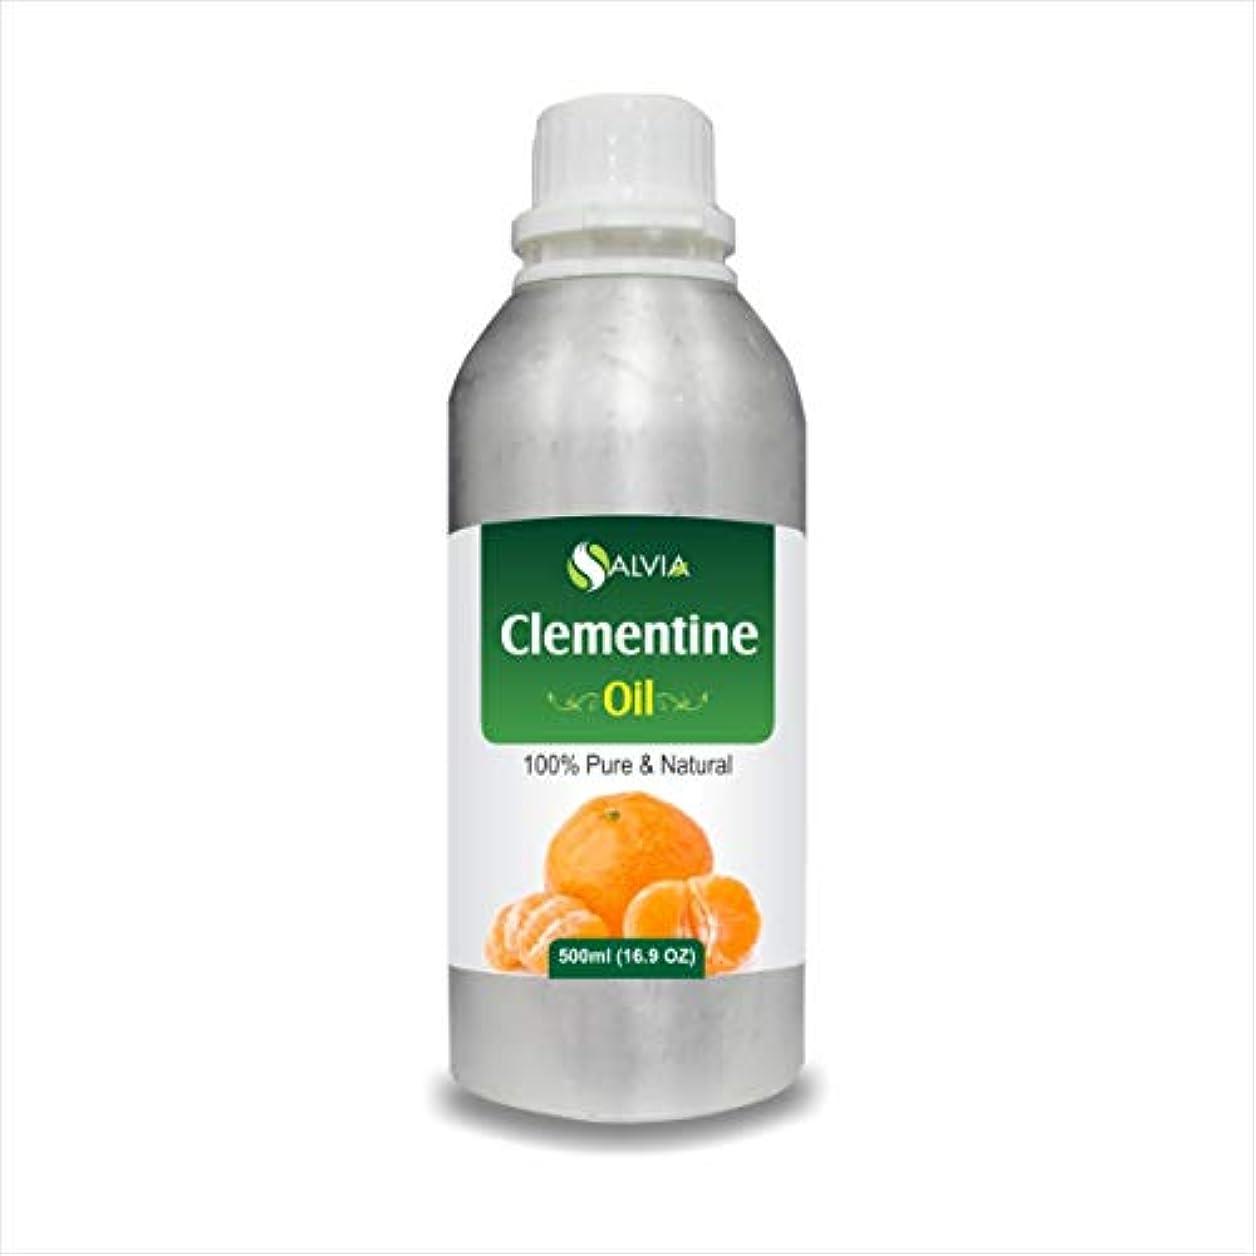 悔い改め実現可能歌詞Clementine Oil (Citrus Clementine) 100% Natural Pure Undiluted Uncut Essential Oil 500ml